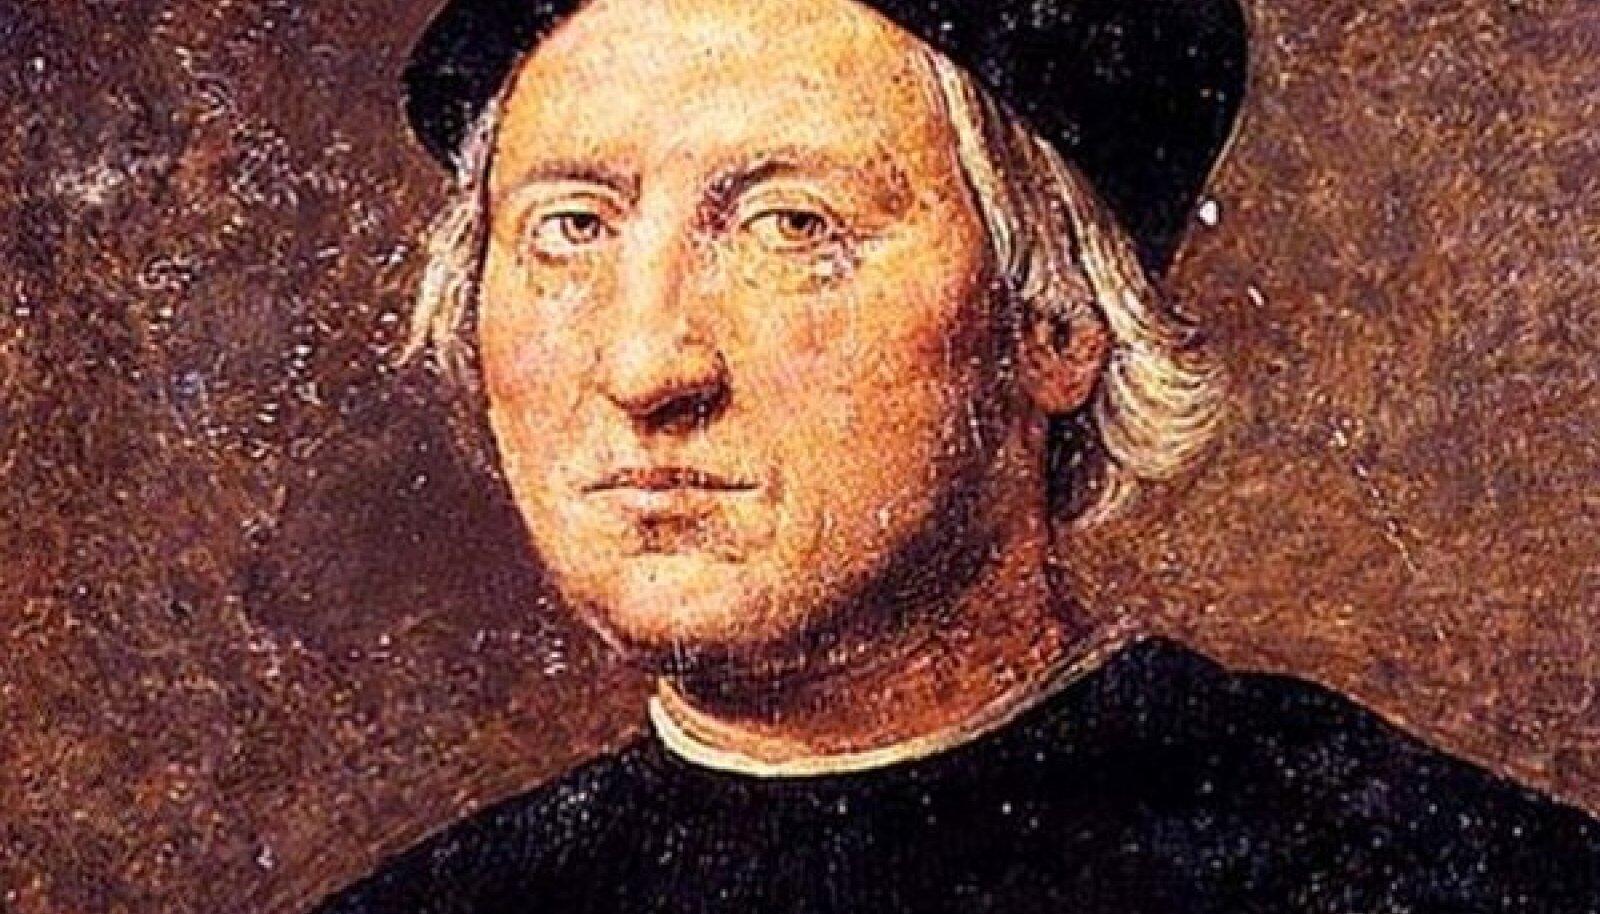 Maadeavastaja Christoph Kolumbus